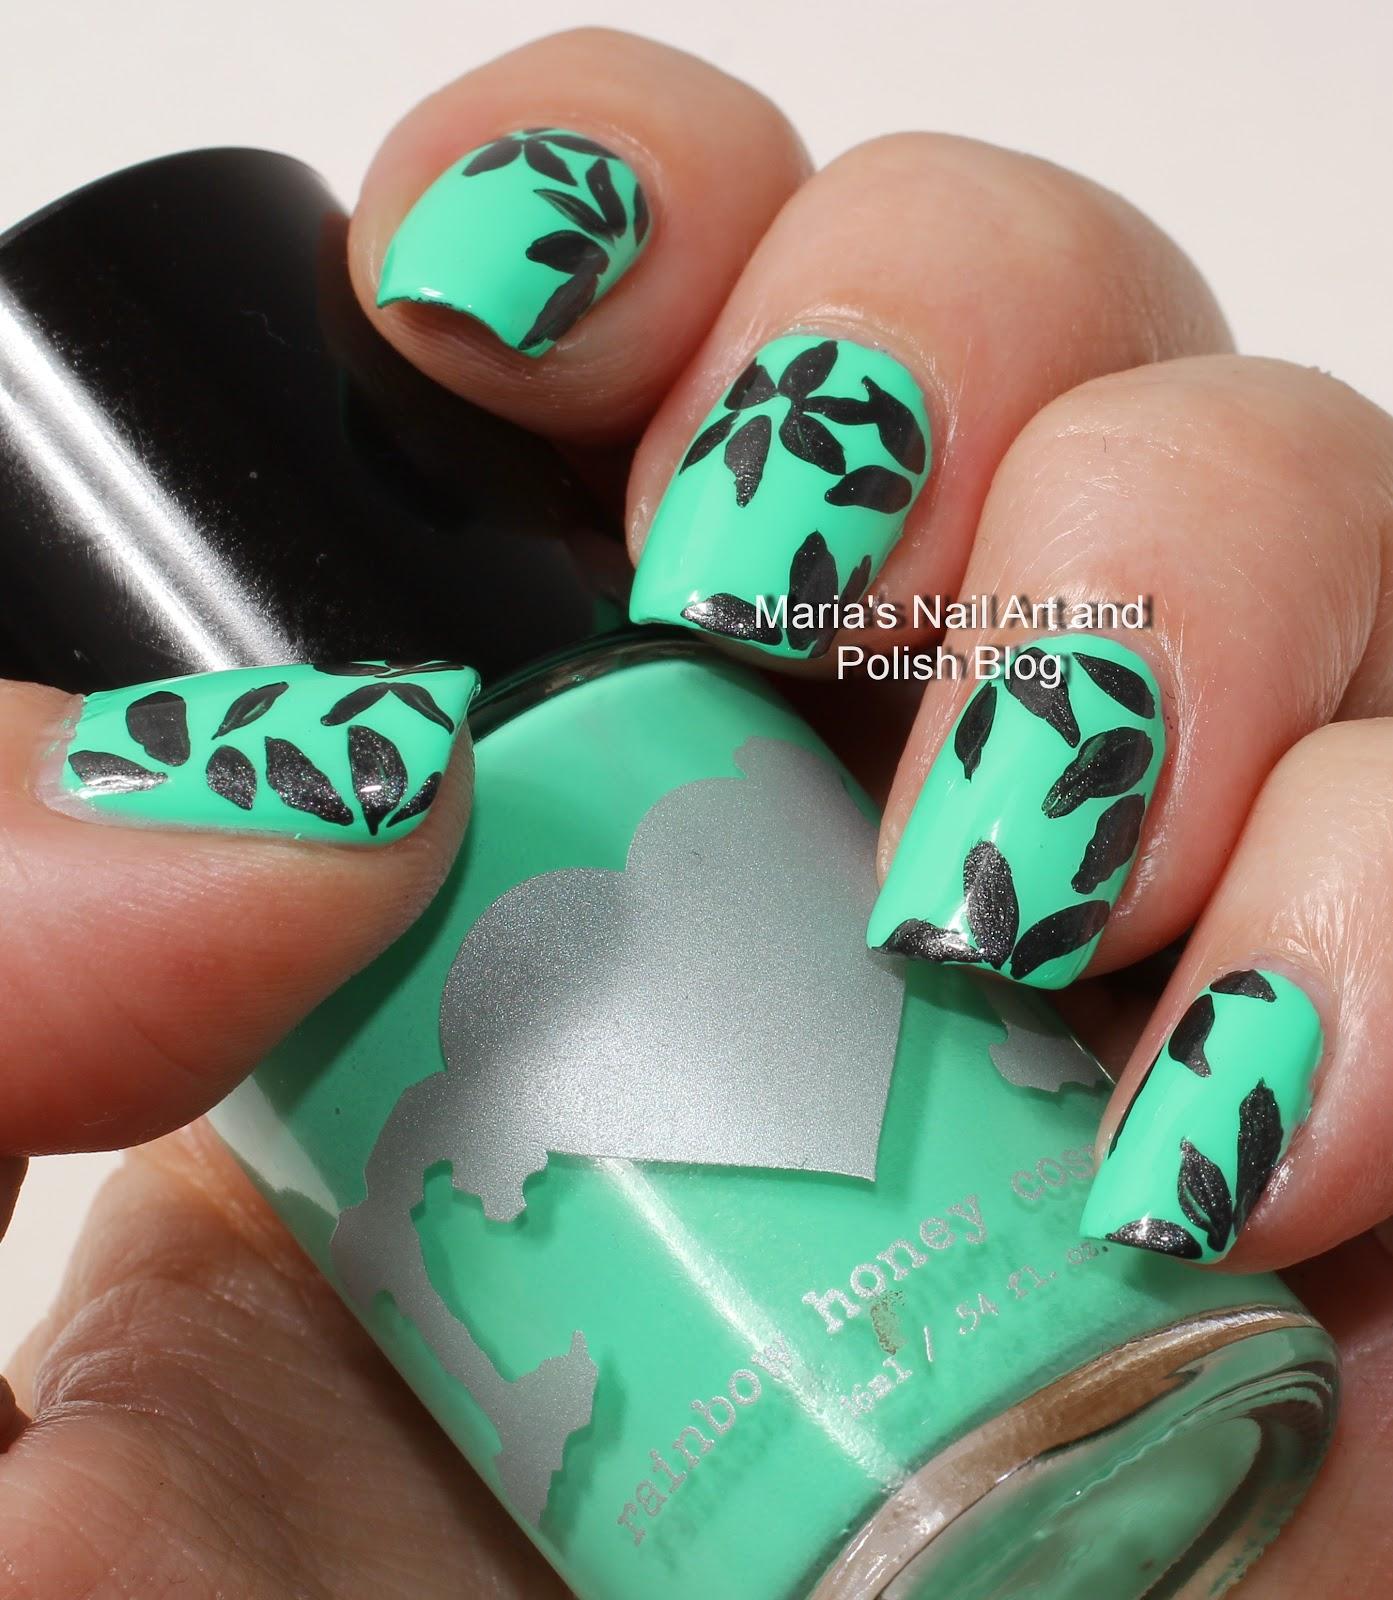 Marias nail art and polish blog floral petal nail art in black floral petal nail art in black and green prinsesfo Gallery